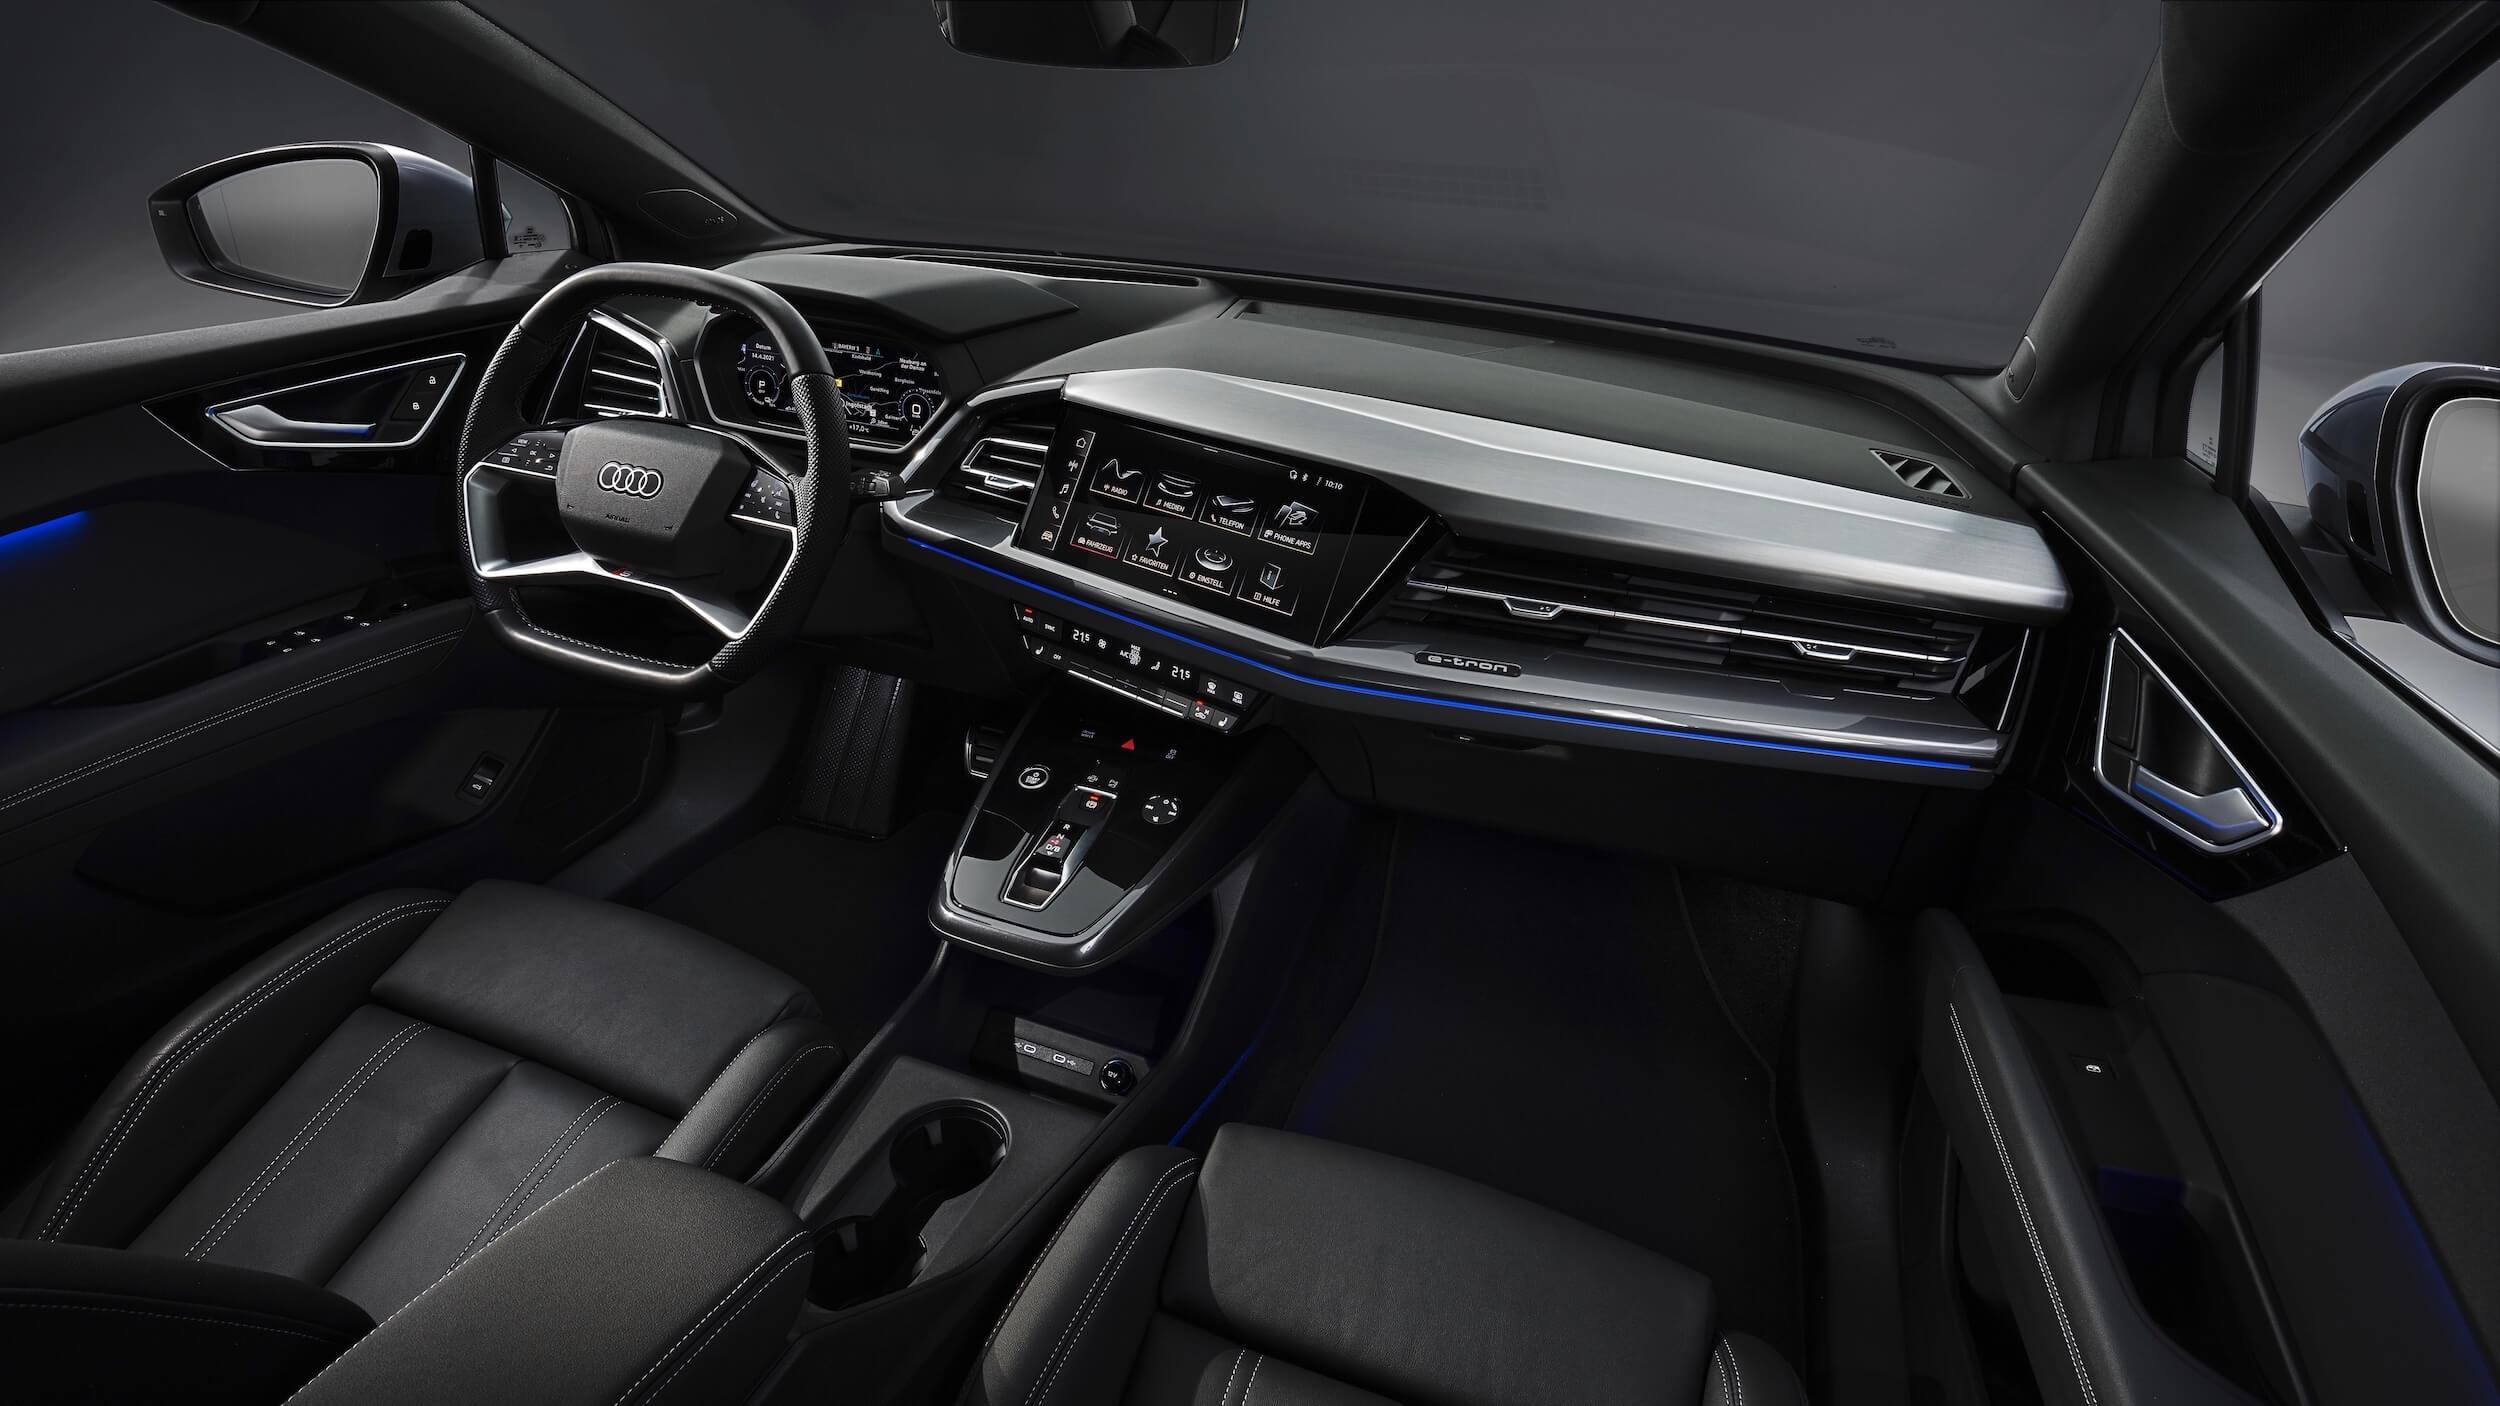 Audi Q4 e tron interieur 1